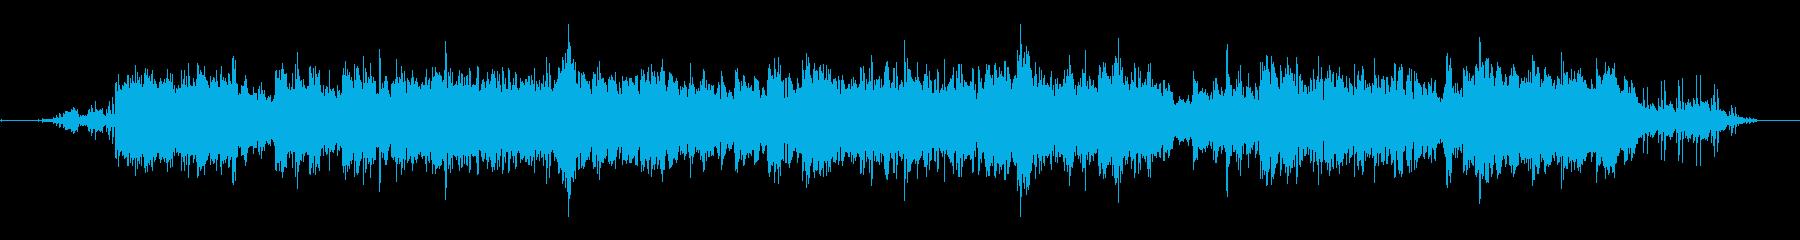 電車の音は、この瞑想的なソロギター...の再生済みの波形